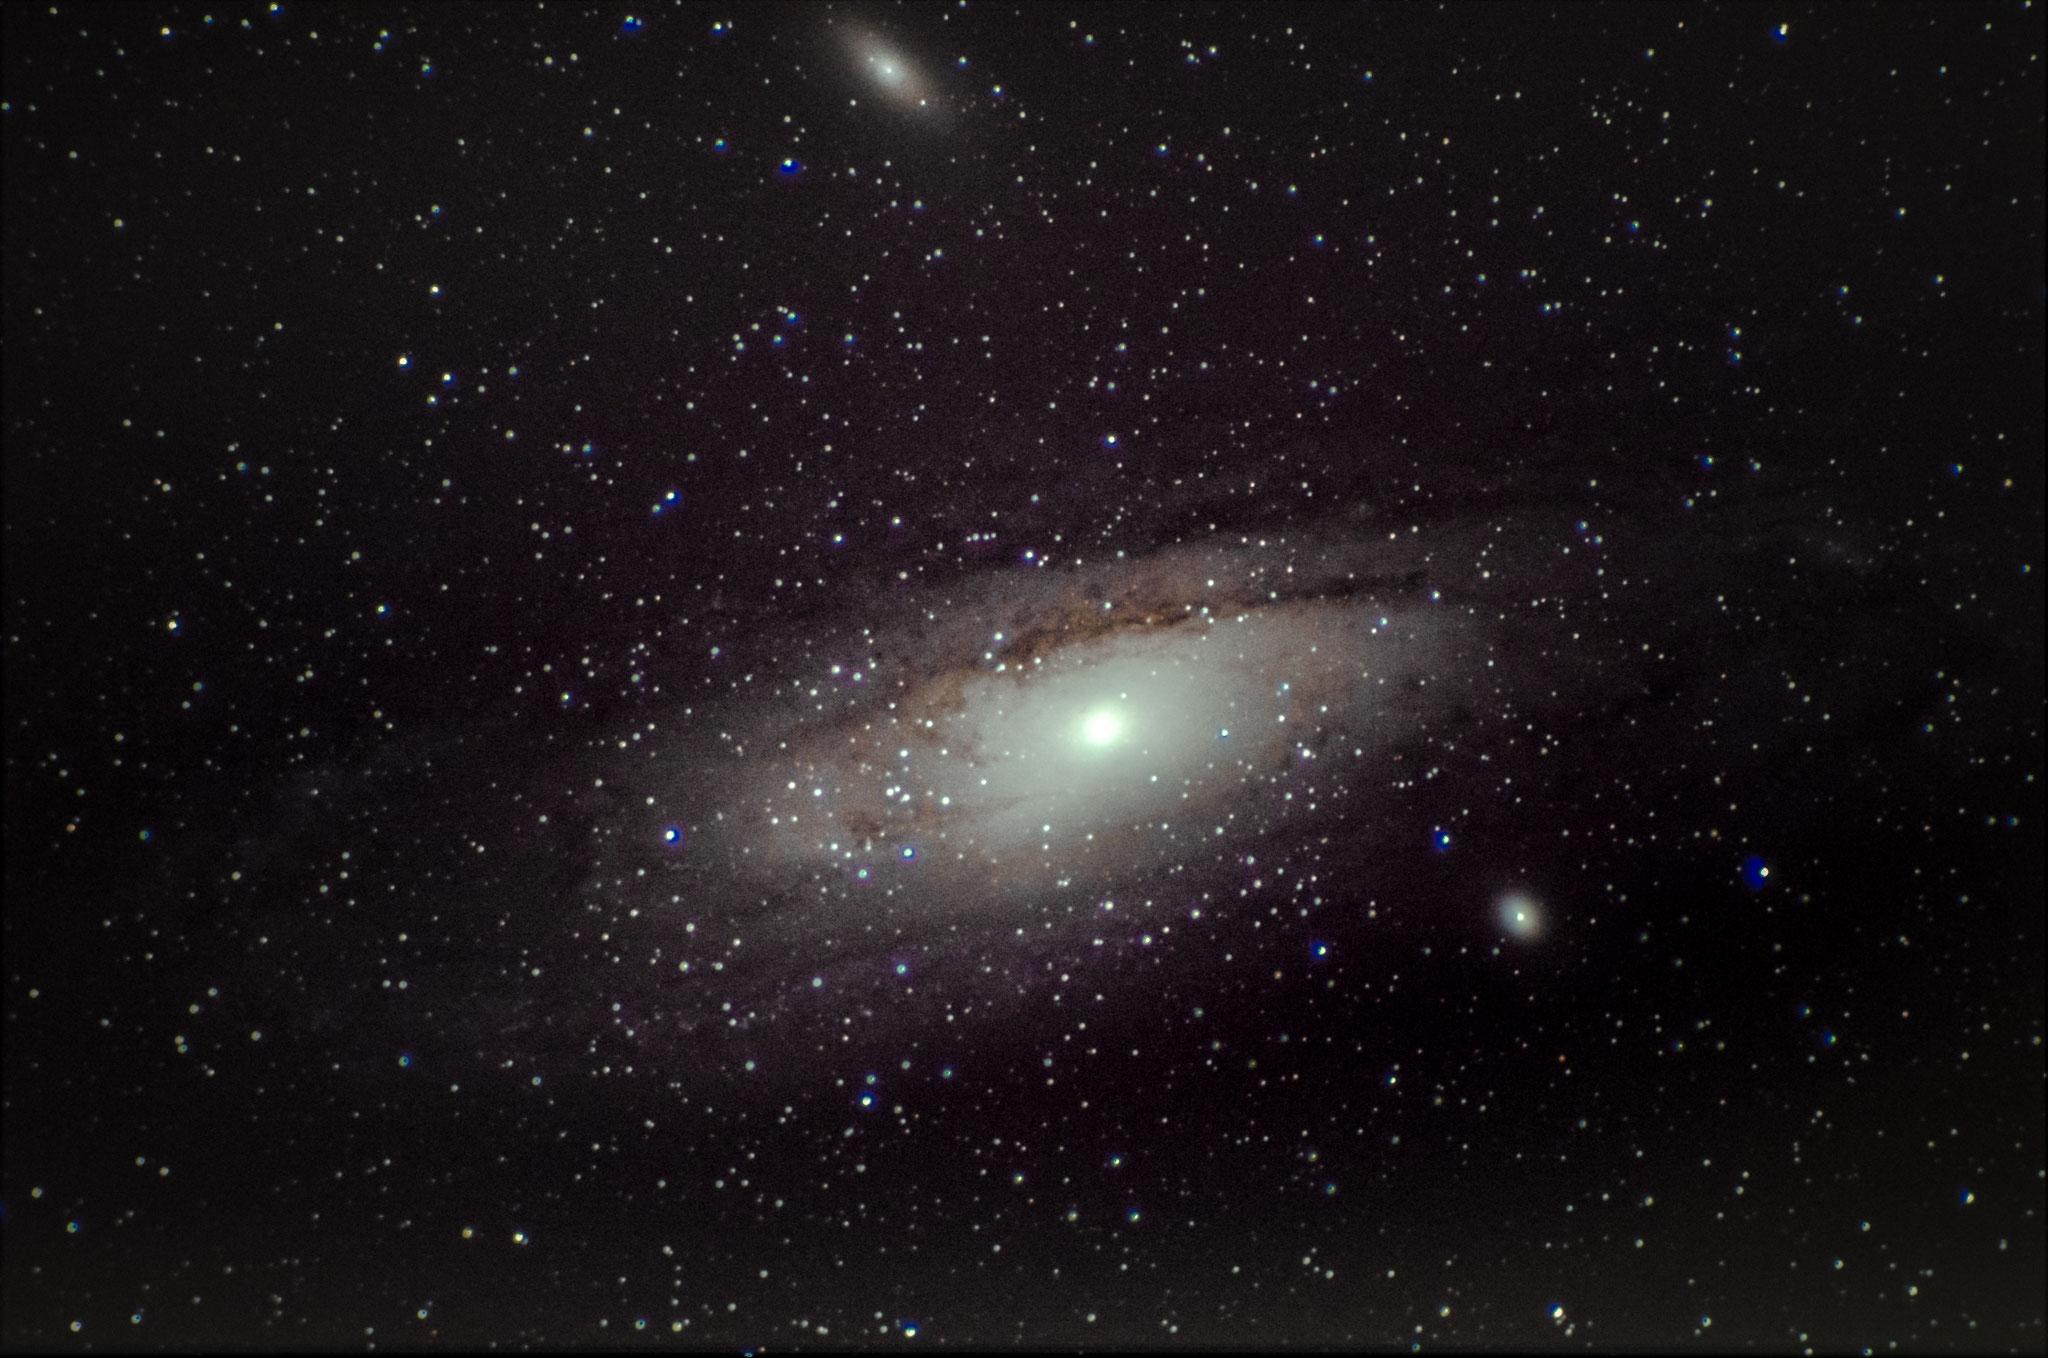 M31 - galaxie d'andromède (19 poses de 25 s à 3200 iso- 10 darks- pas de flat -  Loïc THULLIEZ- lunette achromatique 150/750 / HEQ5 motorisée non guidée/APN pentax K50  - traitement iris/lightroom)